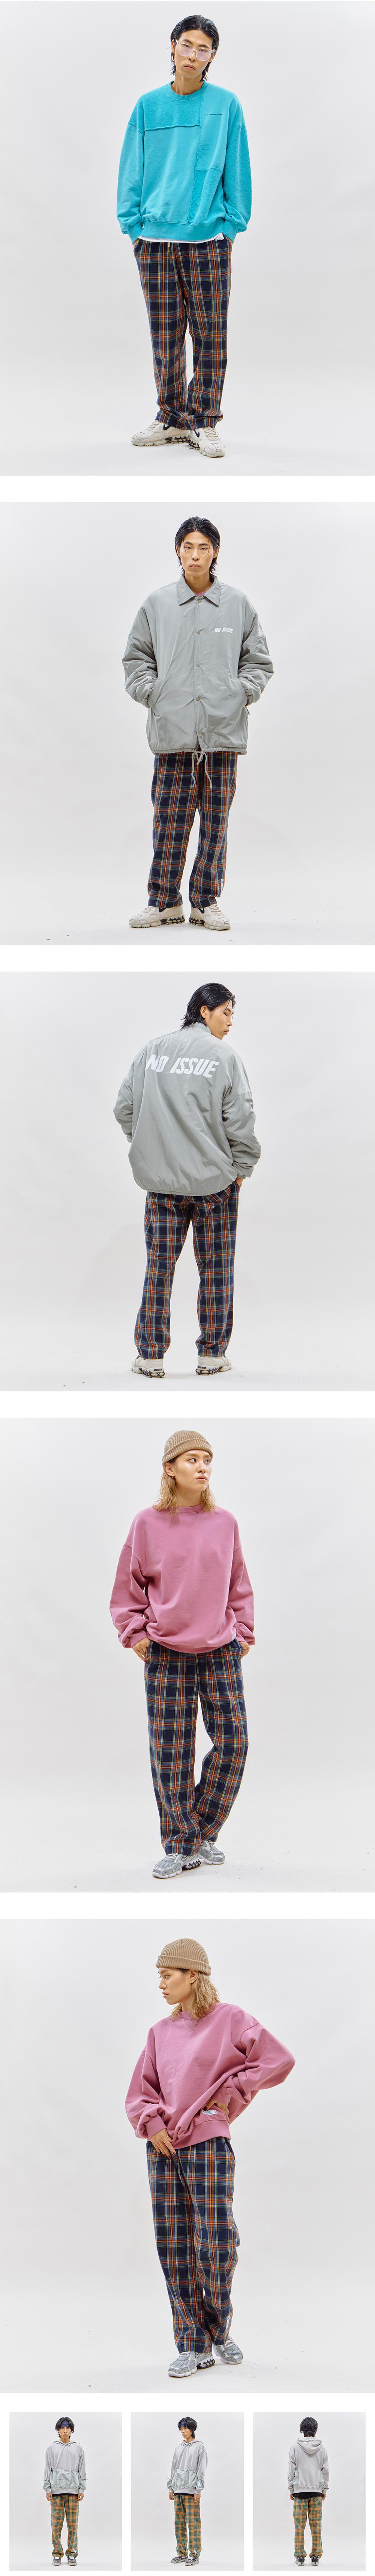 리버스 서울(REVERSE SEOUL) 더블 체크 팬츠[네이비]